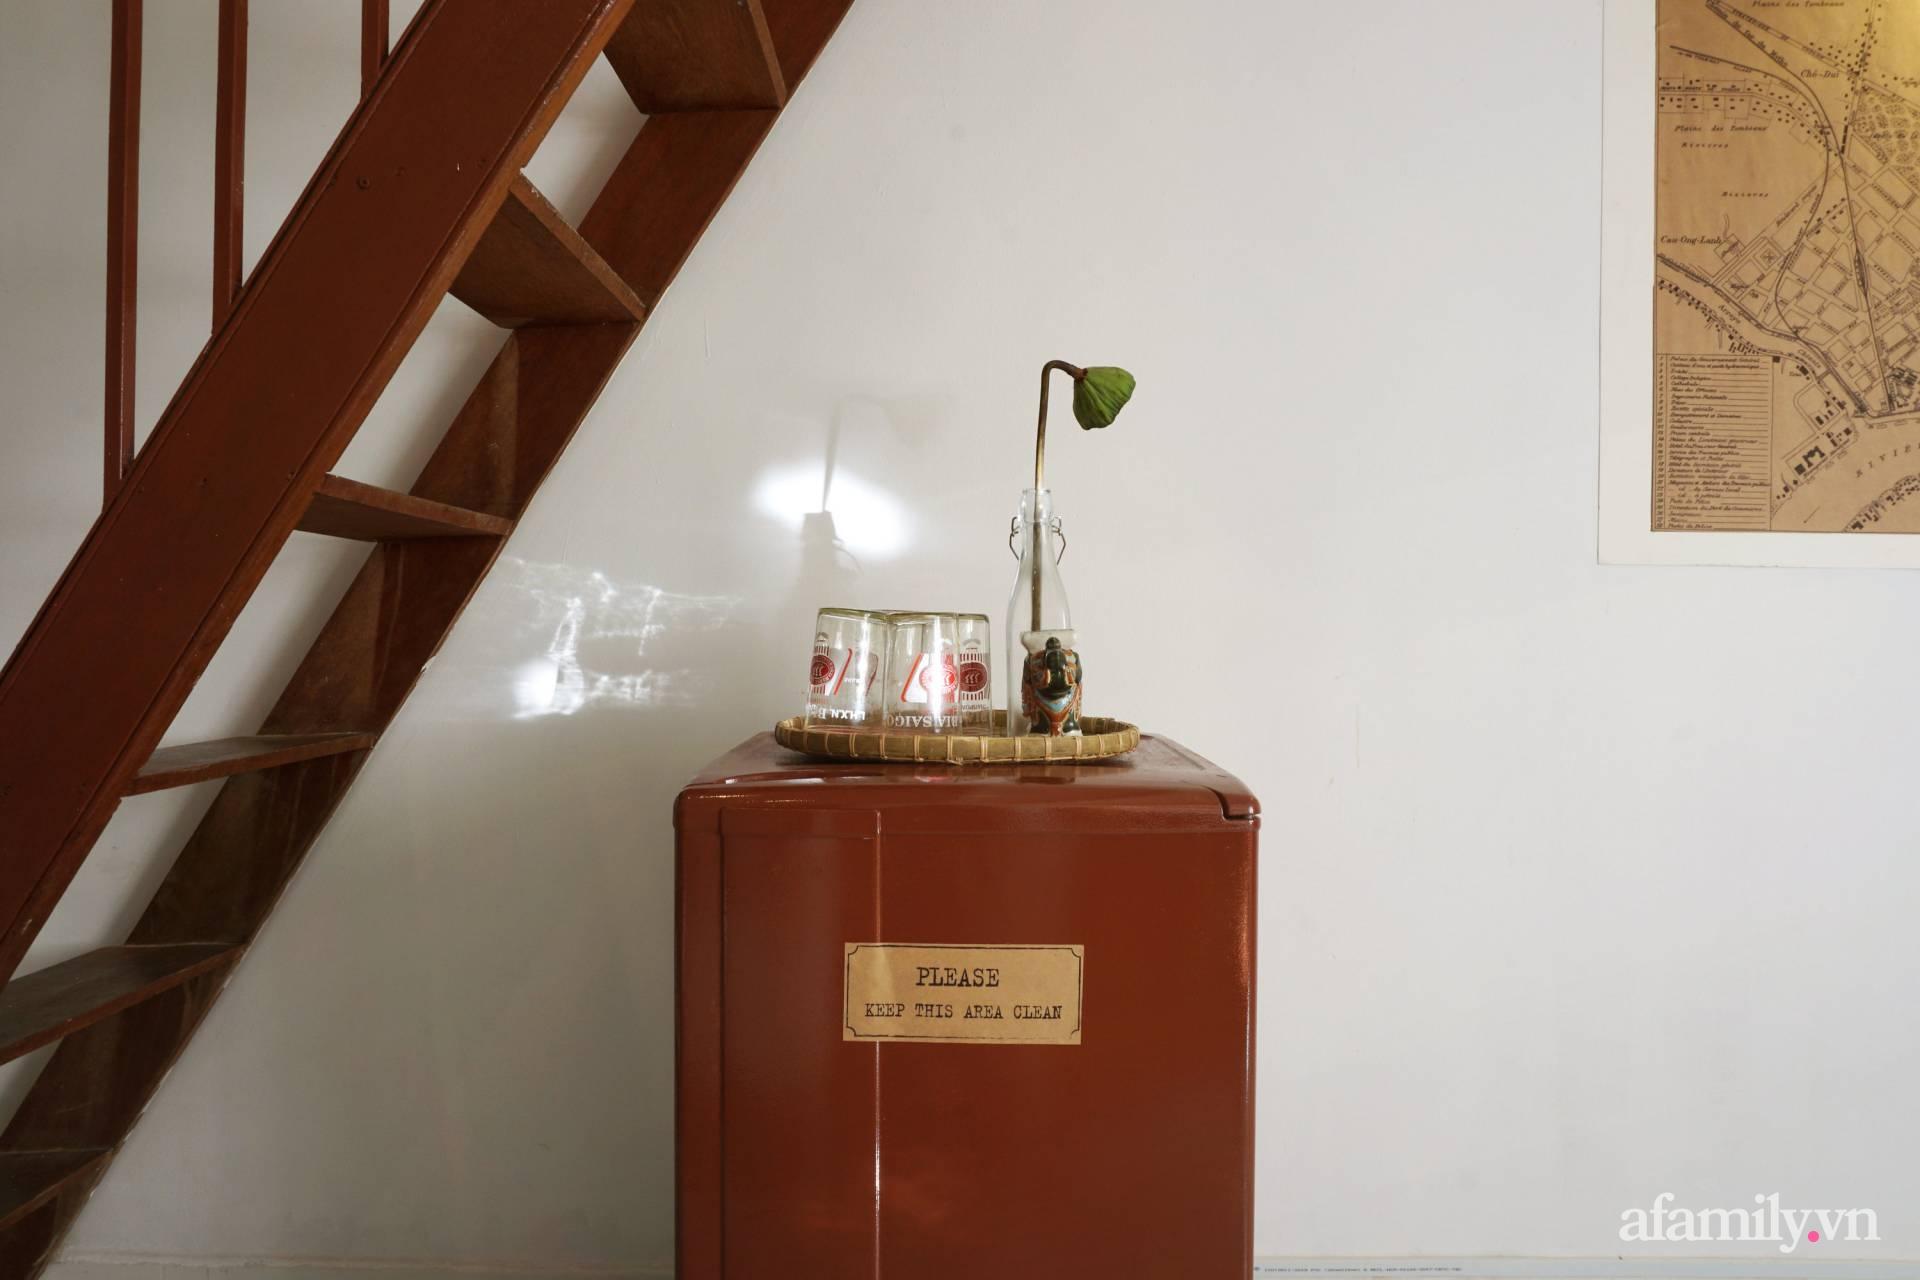 Cải tạo nhà tập thể đẹp hoài cổ lấy cảm hứng từ phong cách Đông Dương có chi phí 120 triệu đồng ở Sài Gòn - Ảnh 7.